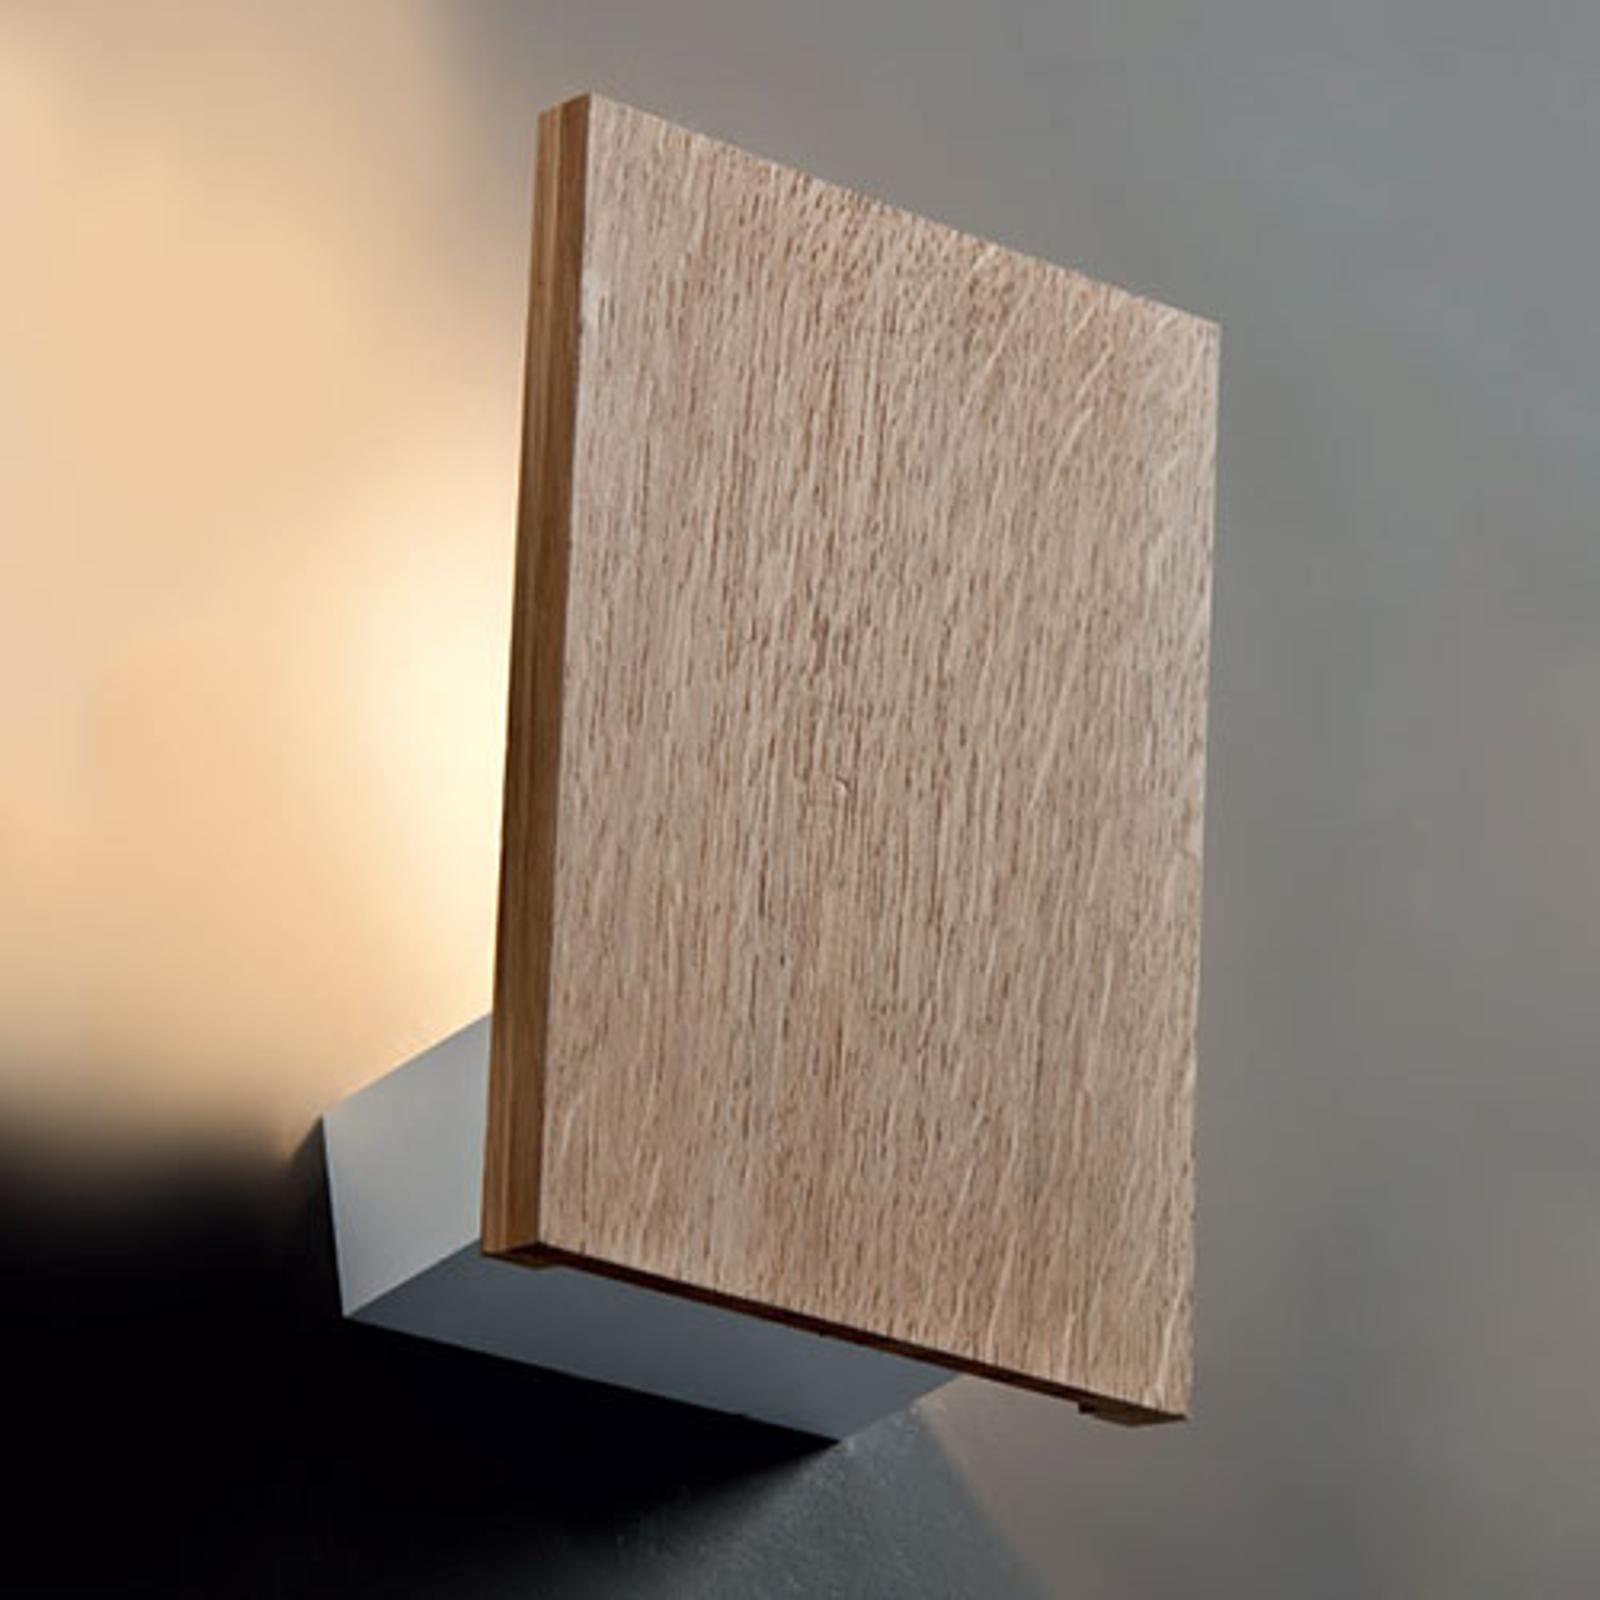 Holz-Wandleuchte Flat mit LED